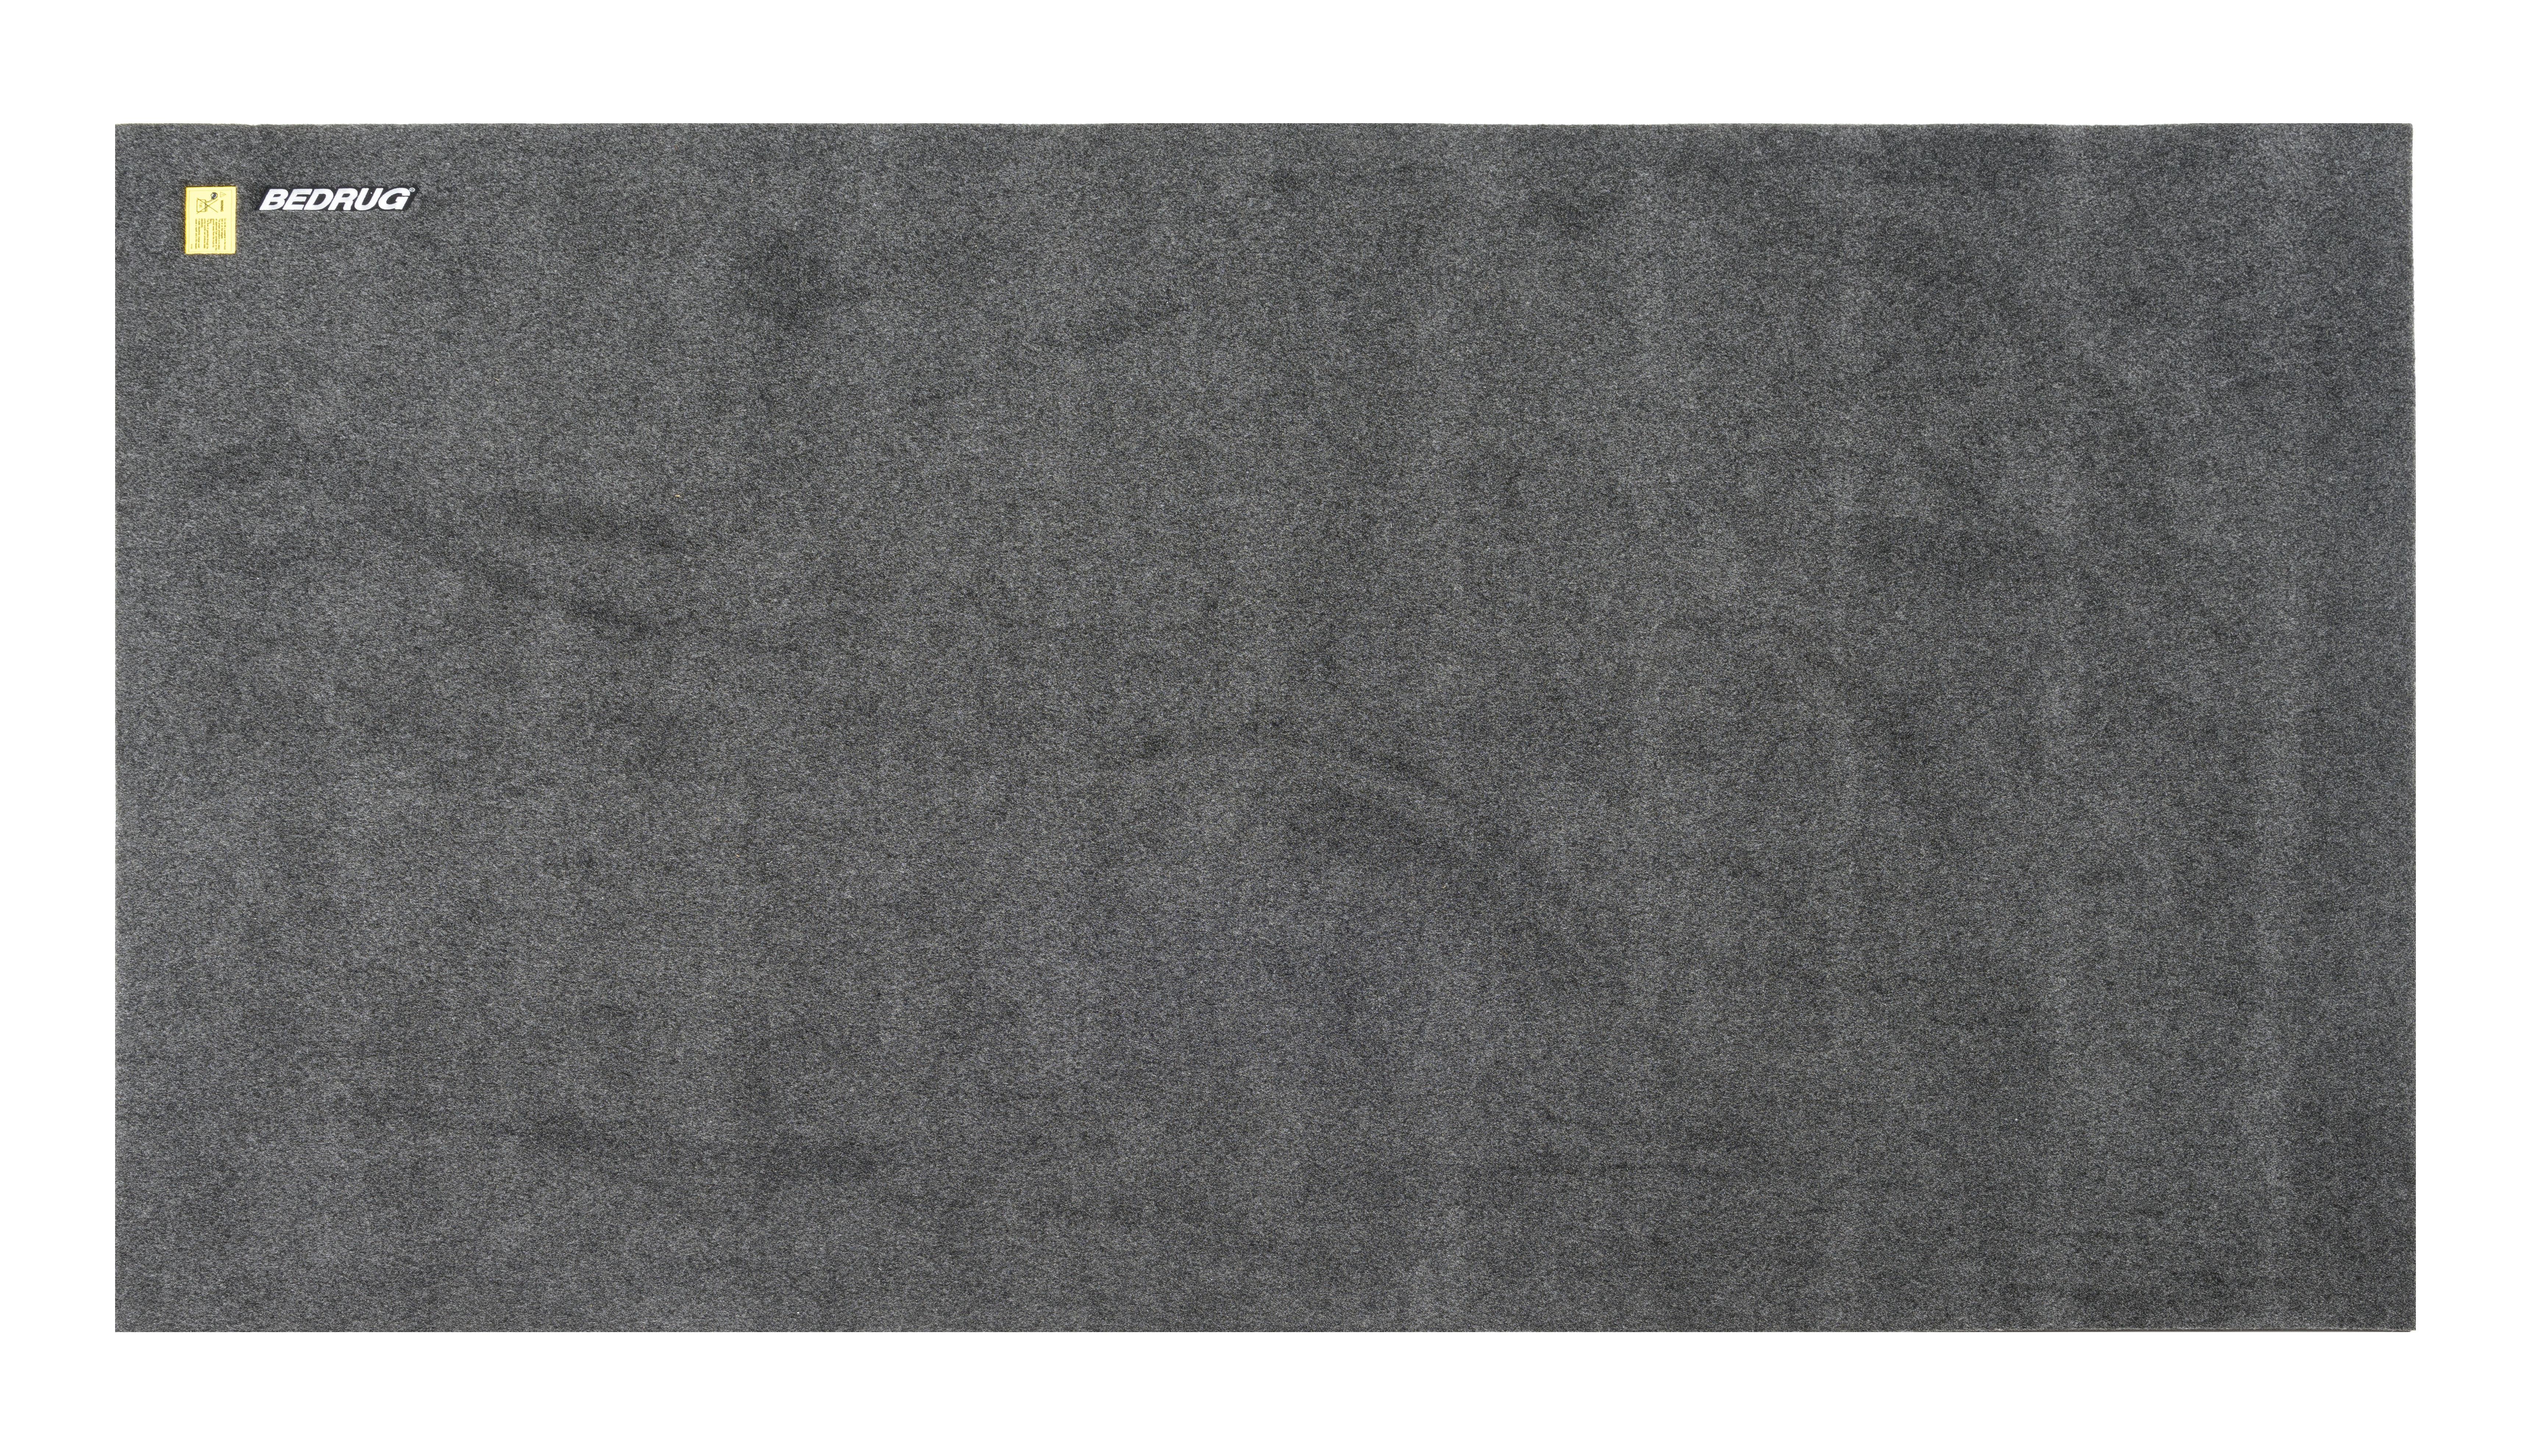 Universal Pickup Antirutschmatte mit weicher Oberfläche und Polsterung_Gesamtbild